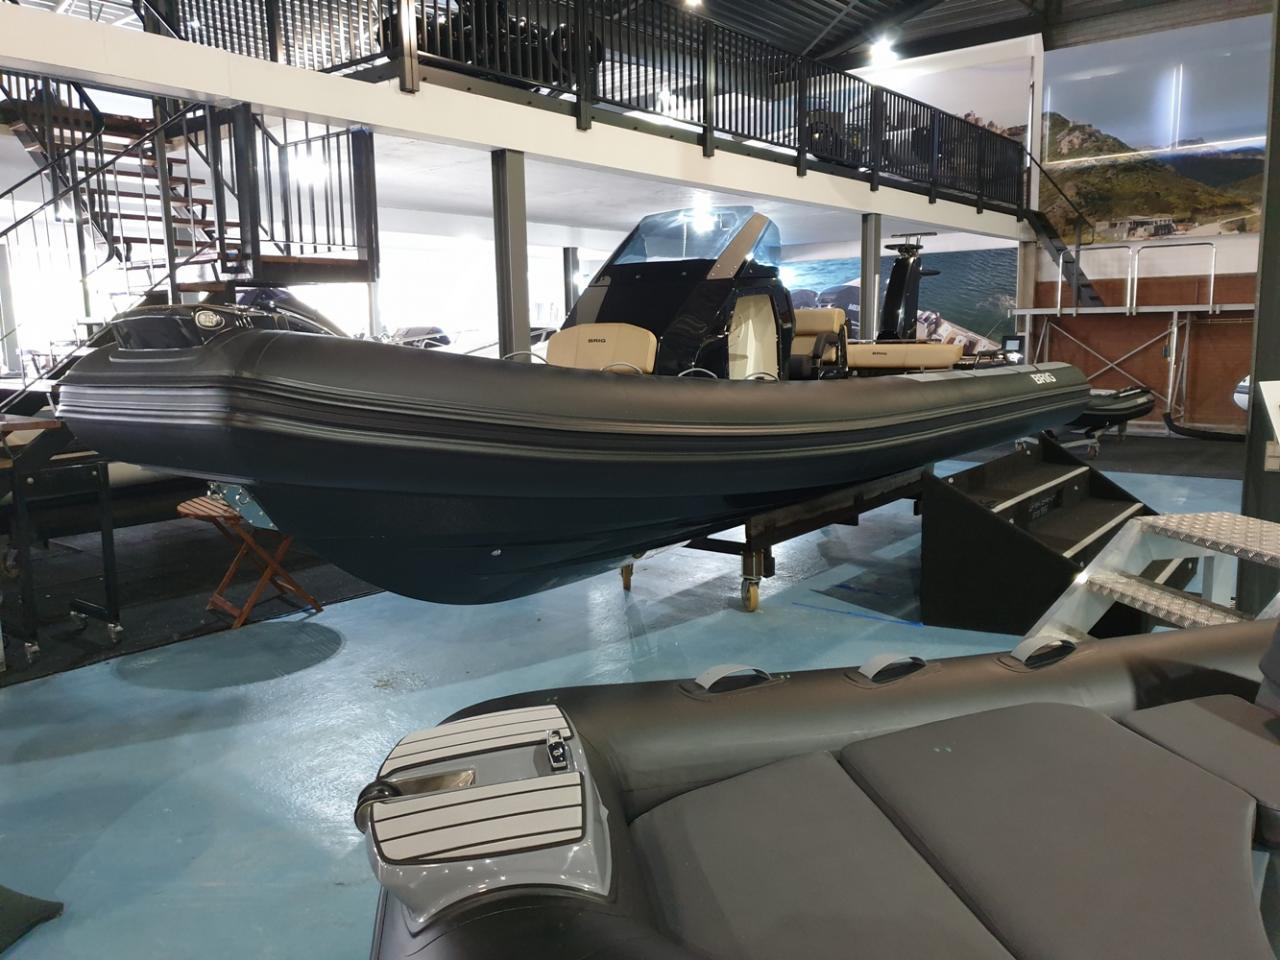 Brig Eagle 8 NIEUW met Mercury Verado 350 pk DIRECT VAREN! 1